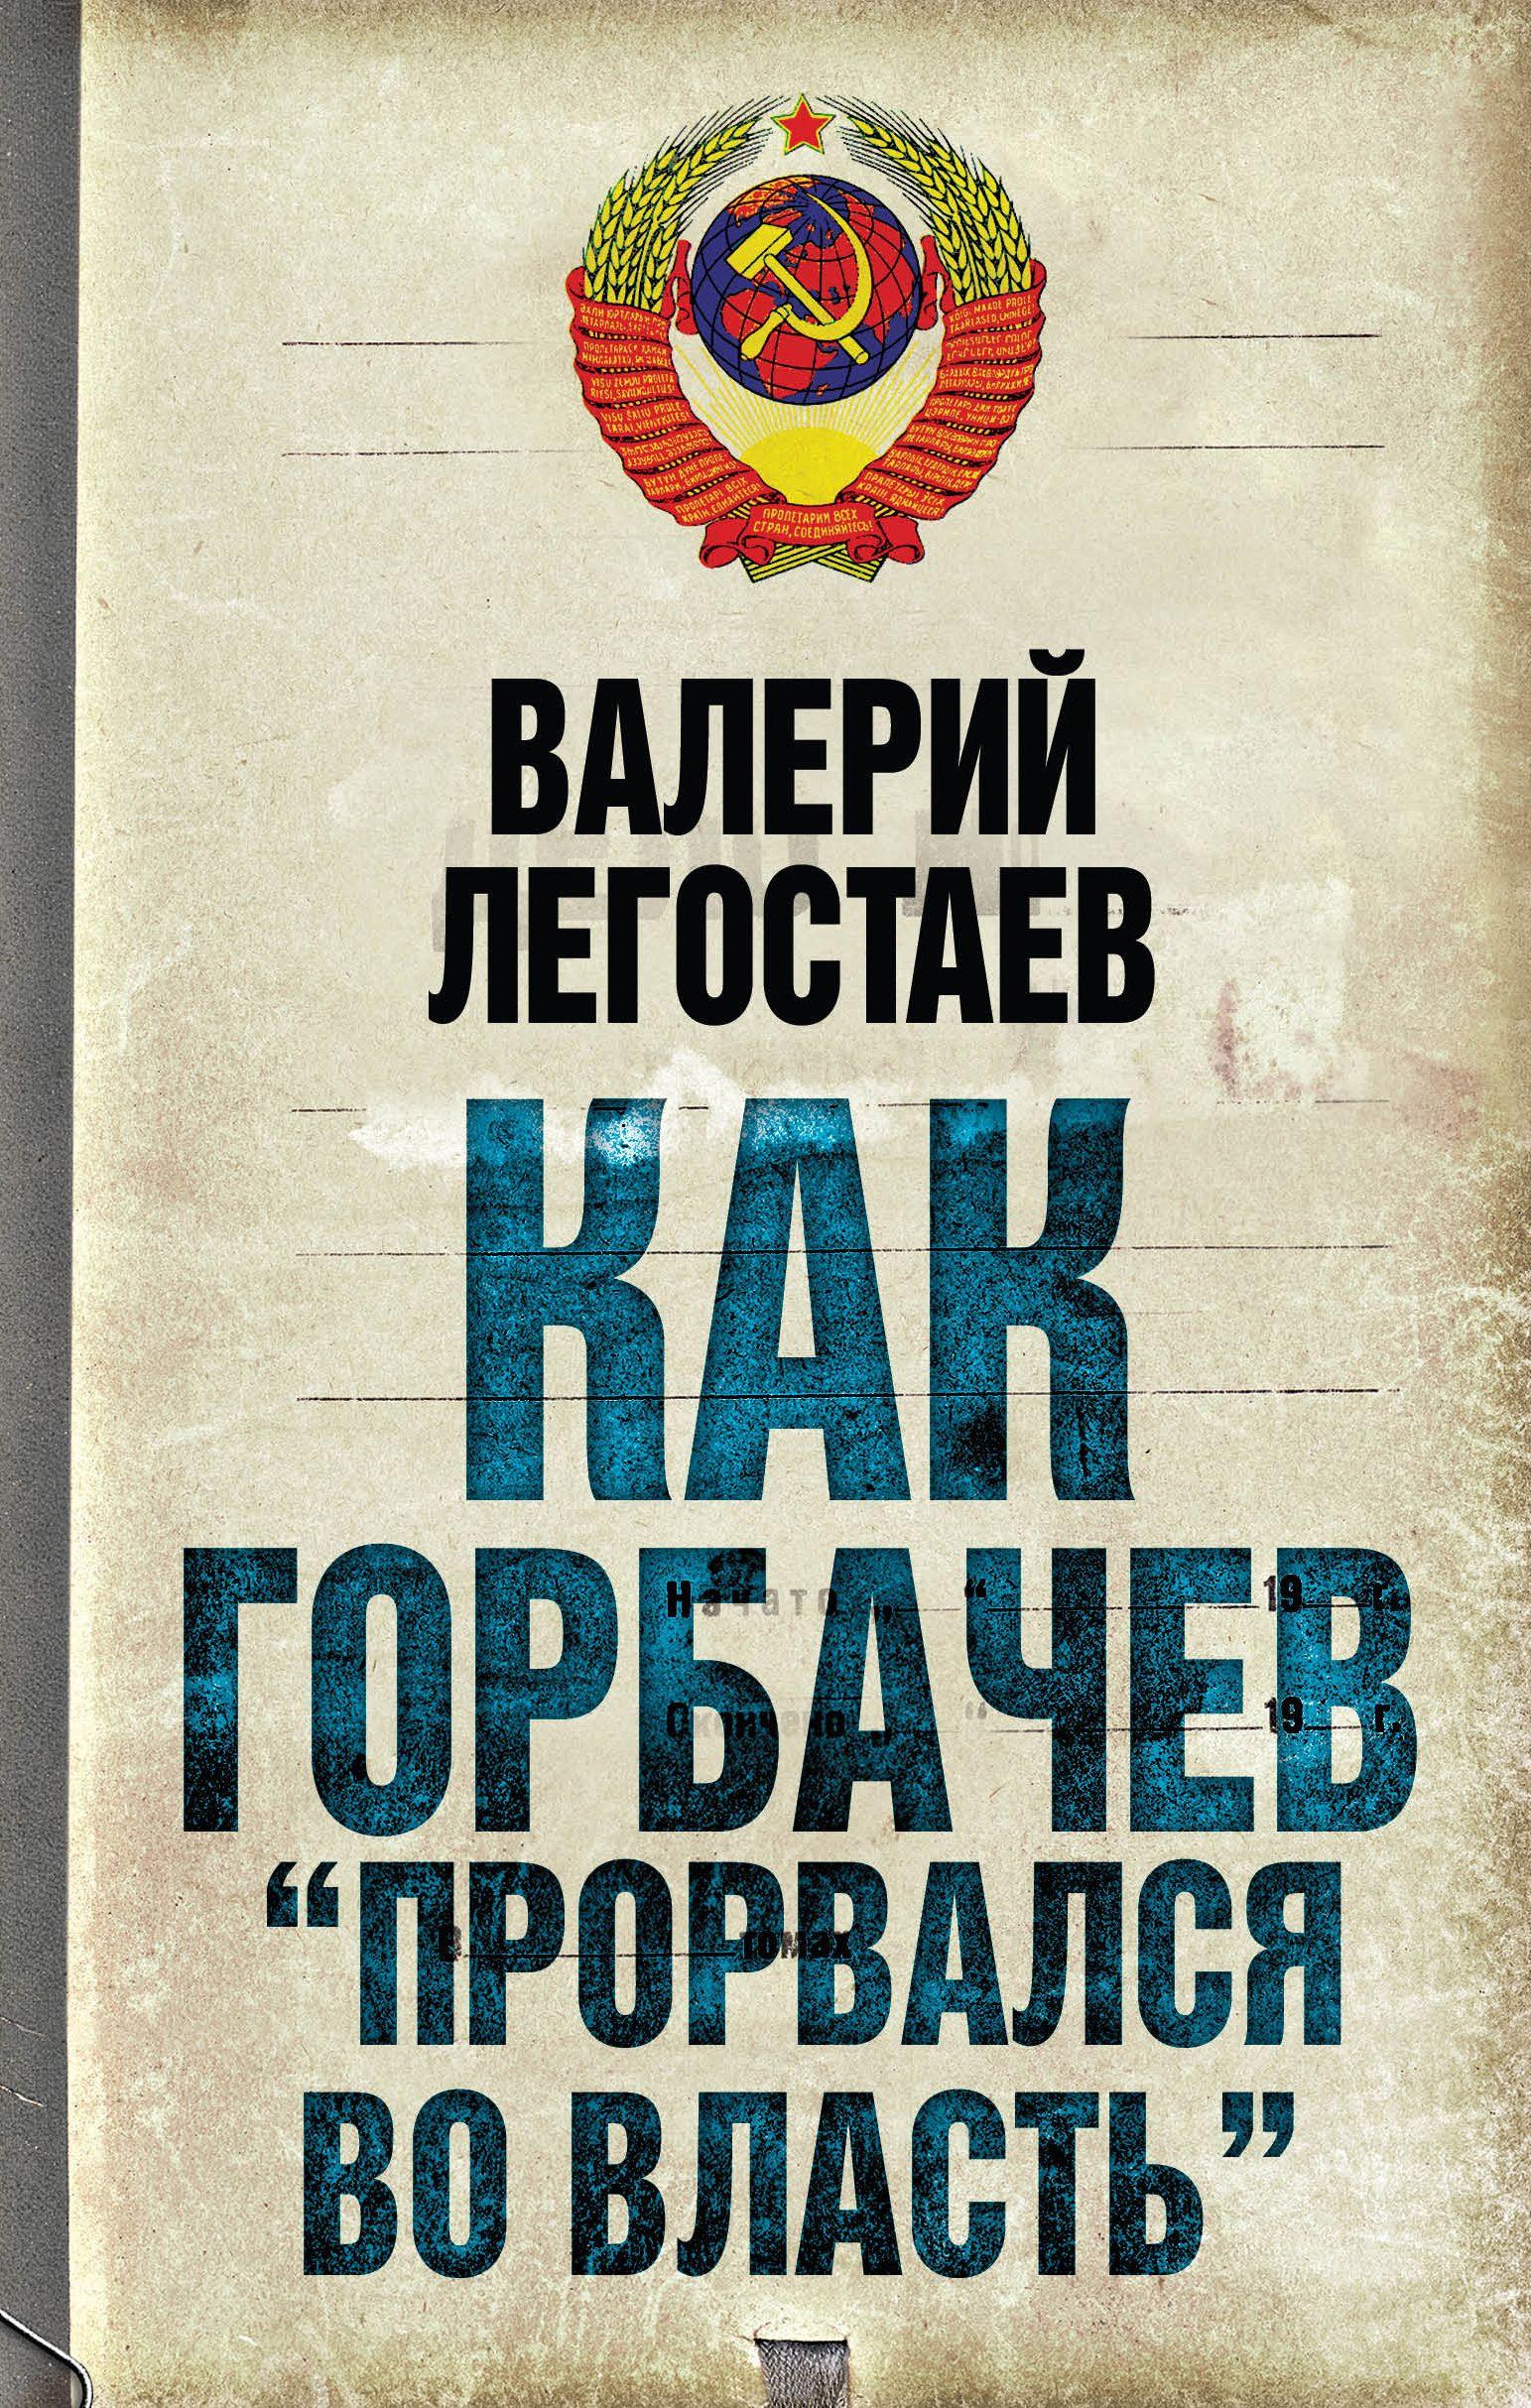 Как Горбачев «прорвался во власть»